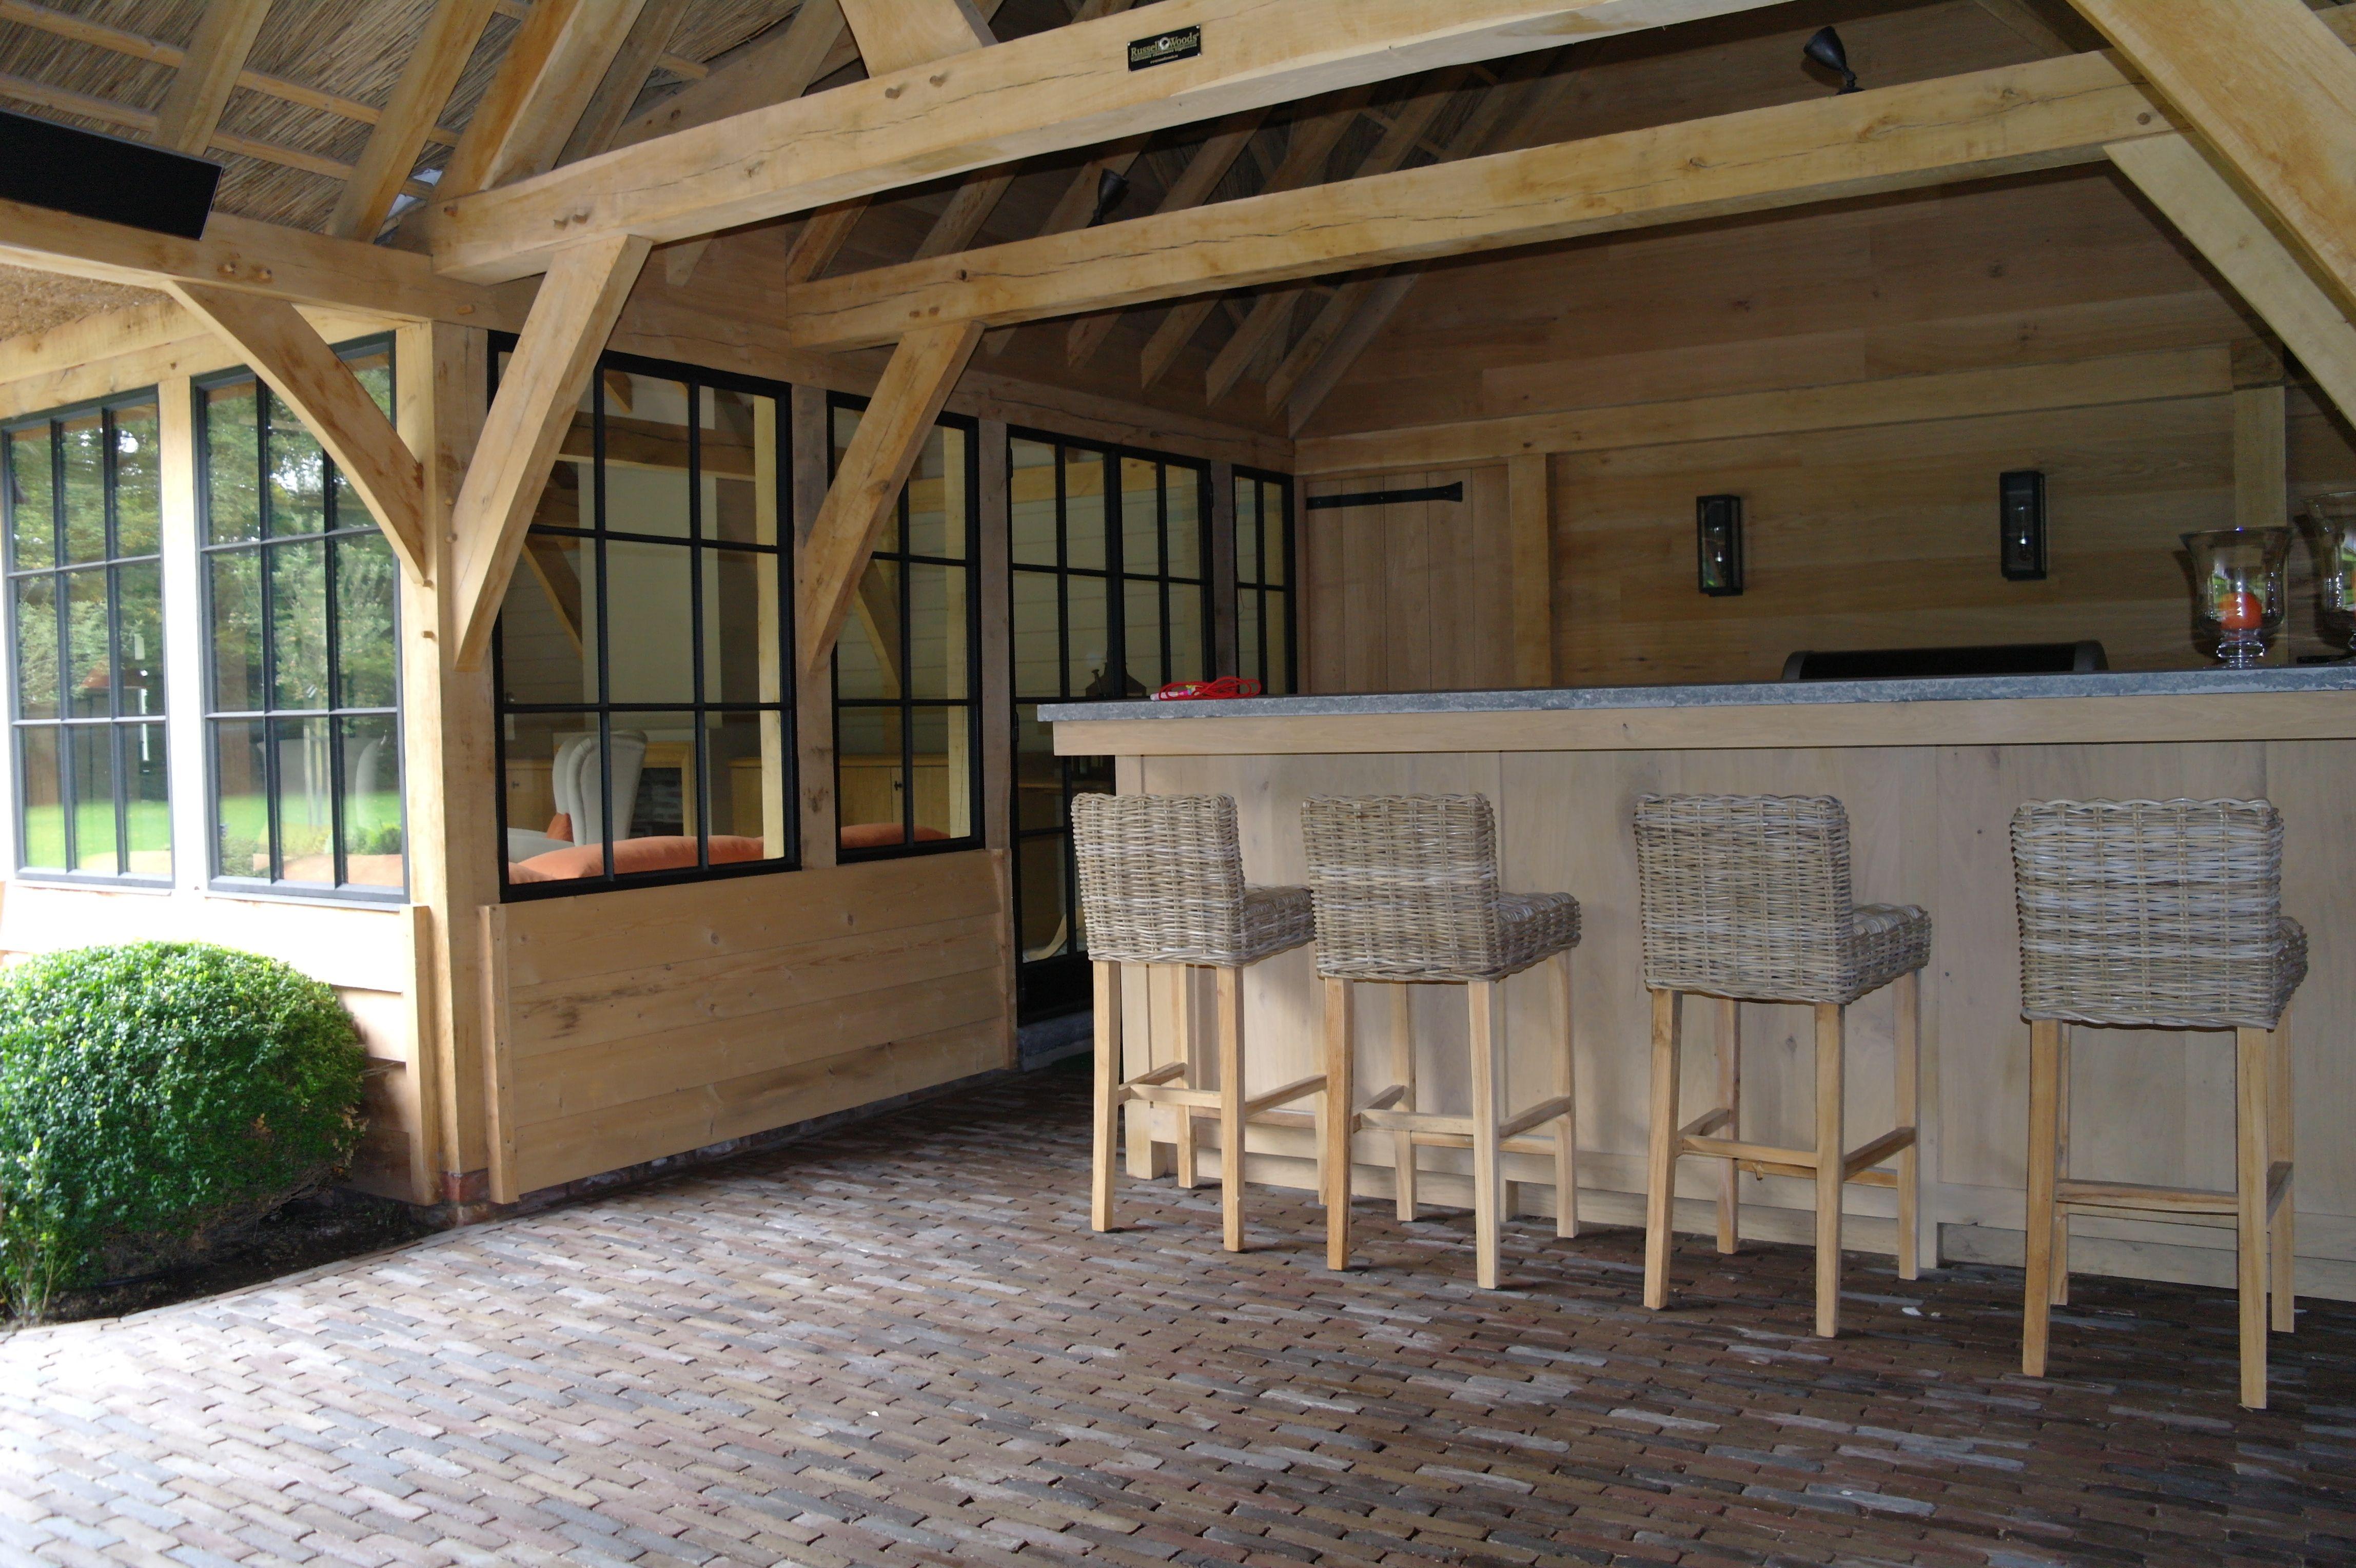 Gezellige bar onder het overdekt terras van dit sfeervolle poolhouse steigerhout pinterest - Zwembad onder het terras ...